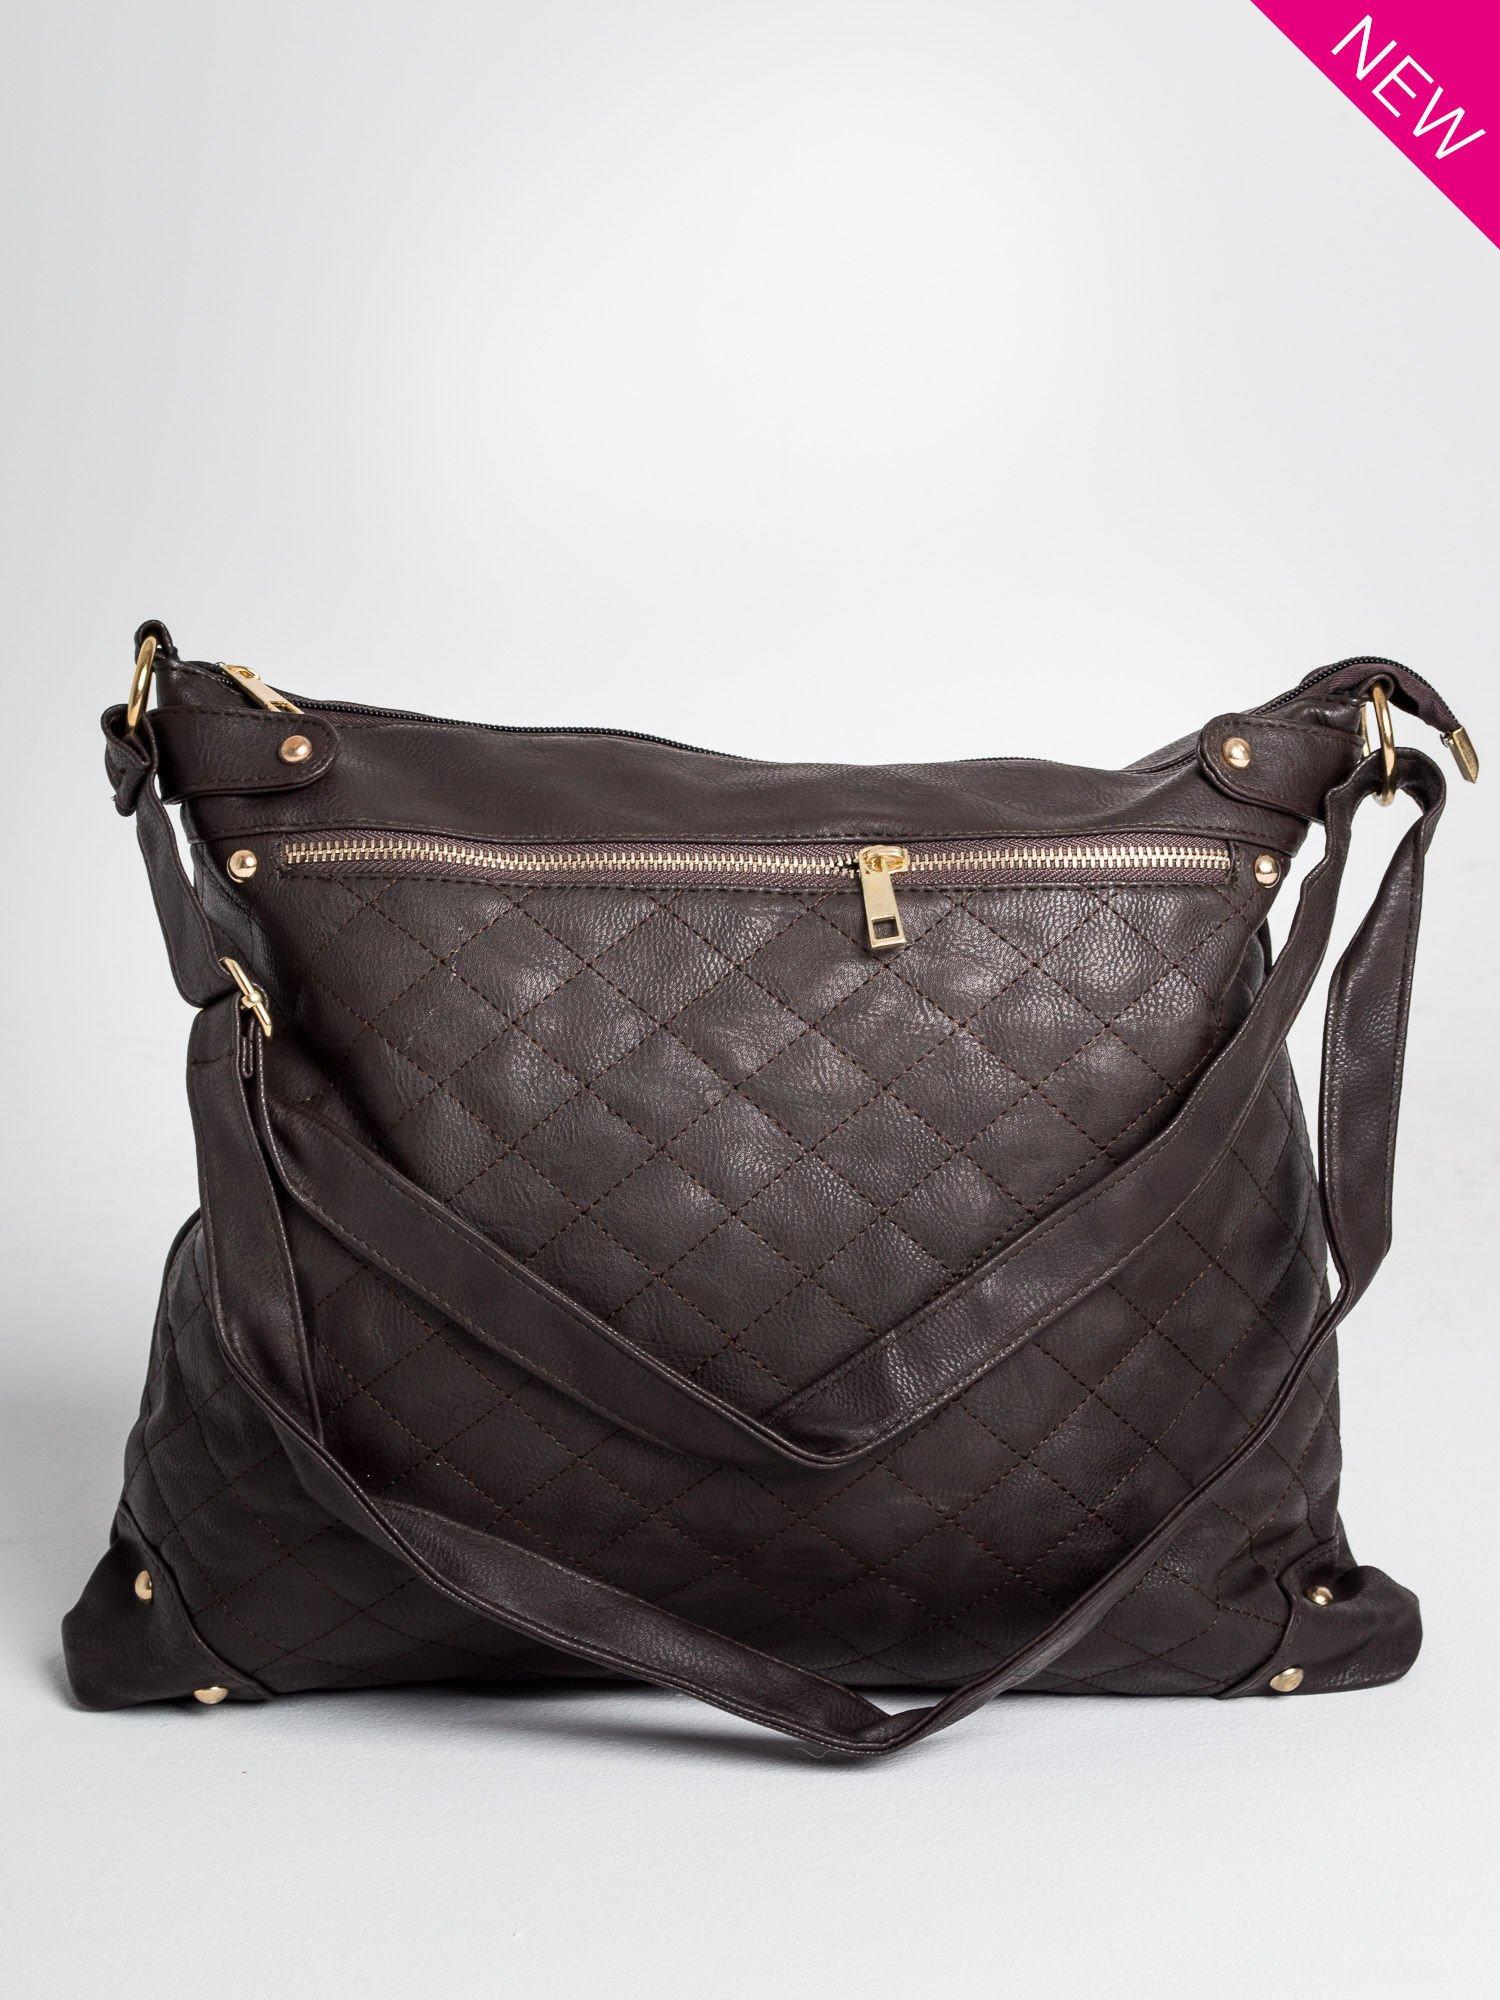 Brązowa pikowana torebka na ramię                                  zdj.                                  1